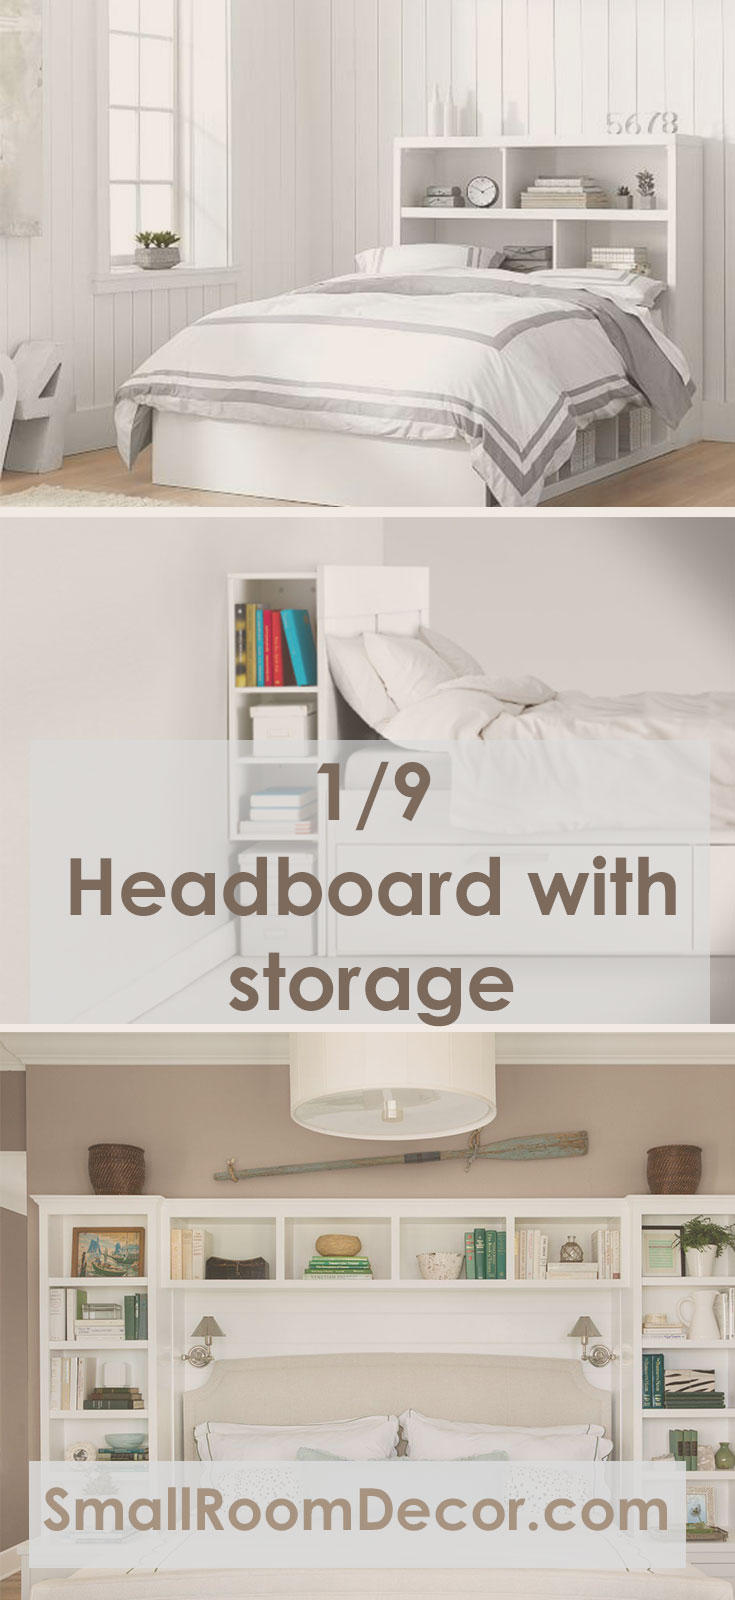 Top 9 Small Bedroom Storage Ideas in 2019 - Organization Hacks